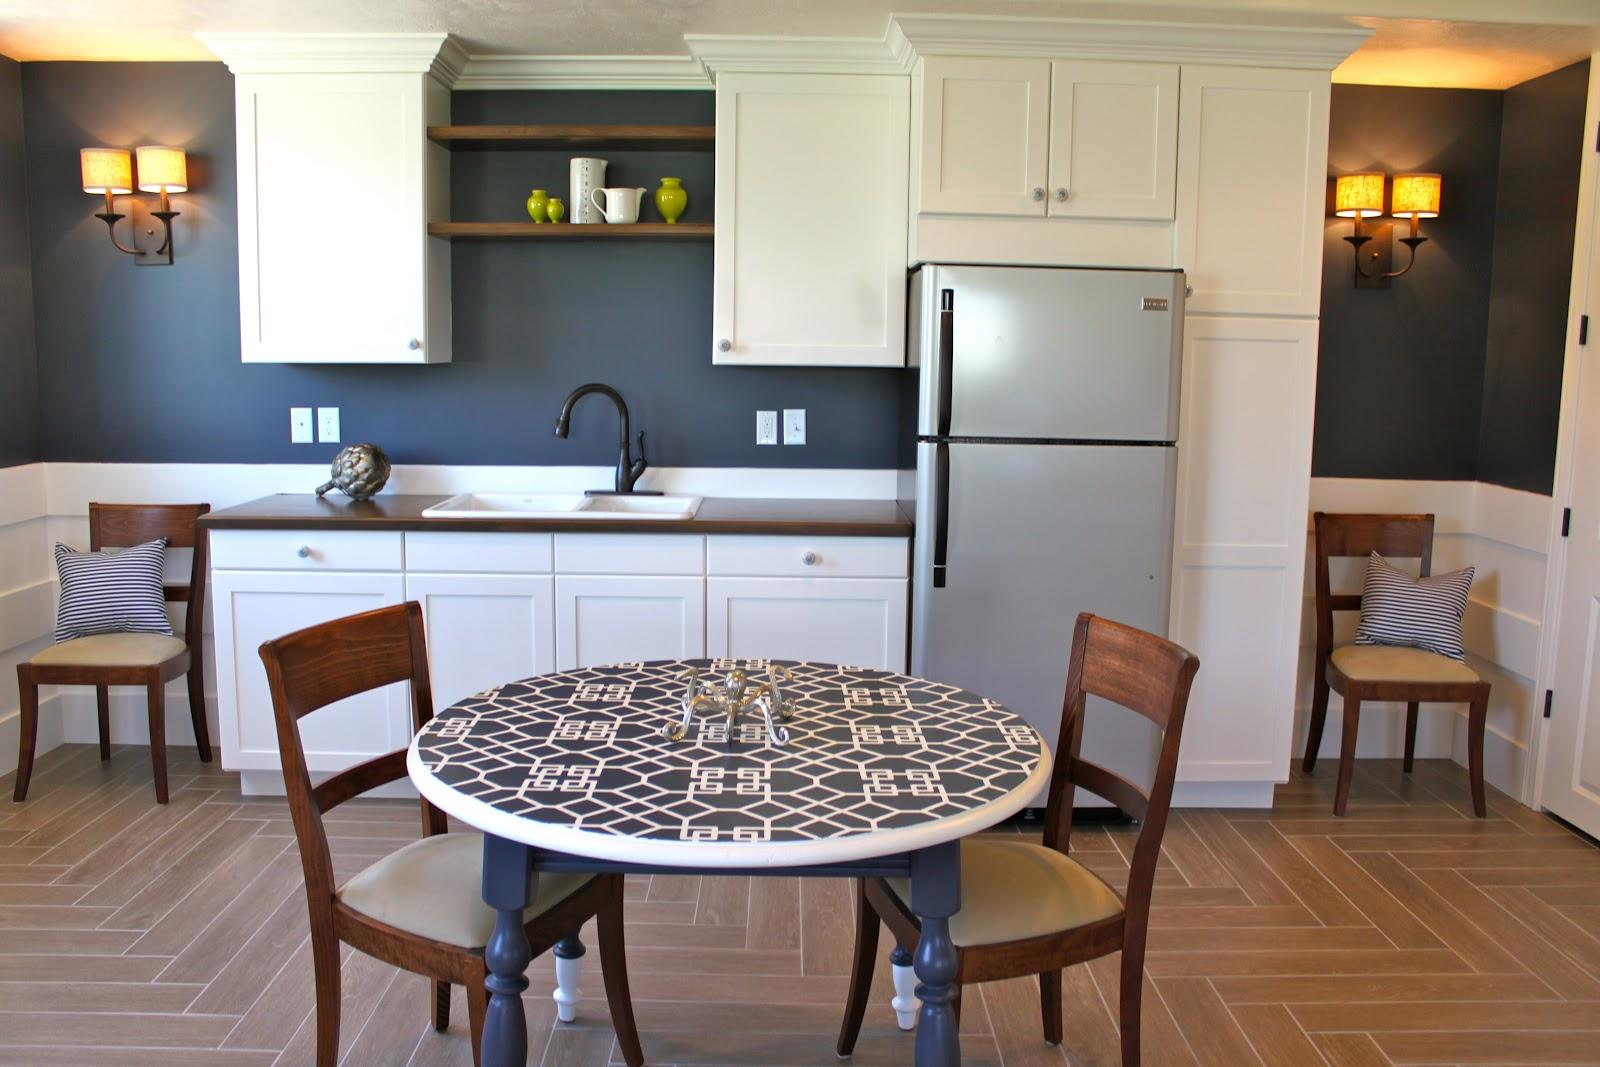 amy s casablanca kitchenette transformation